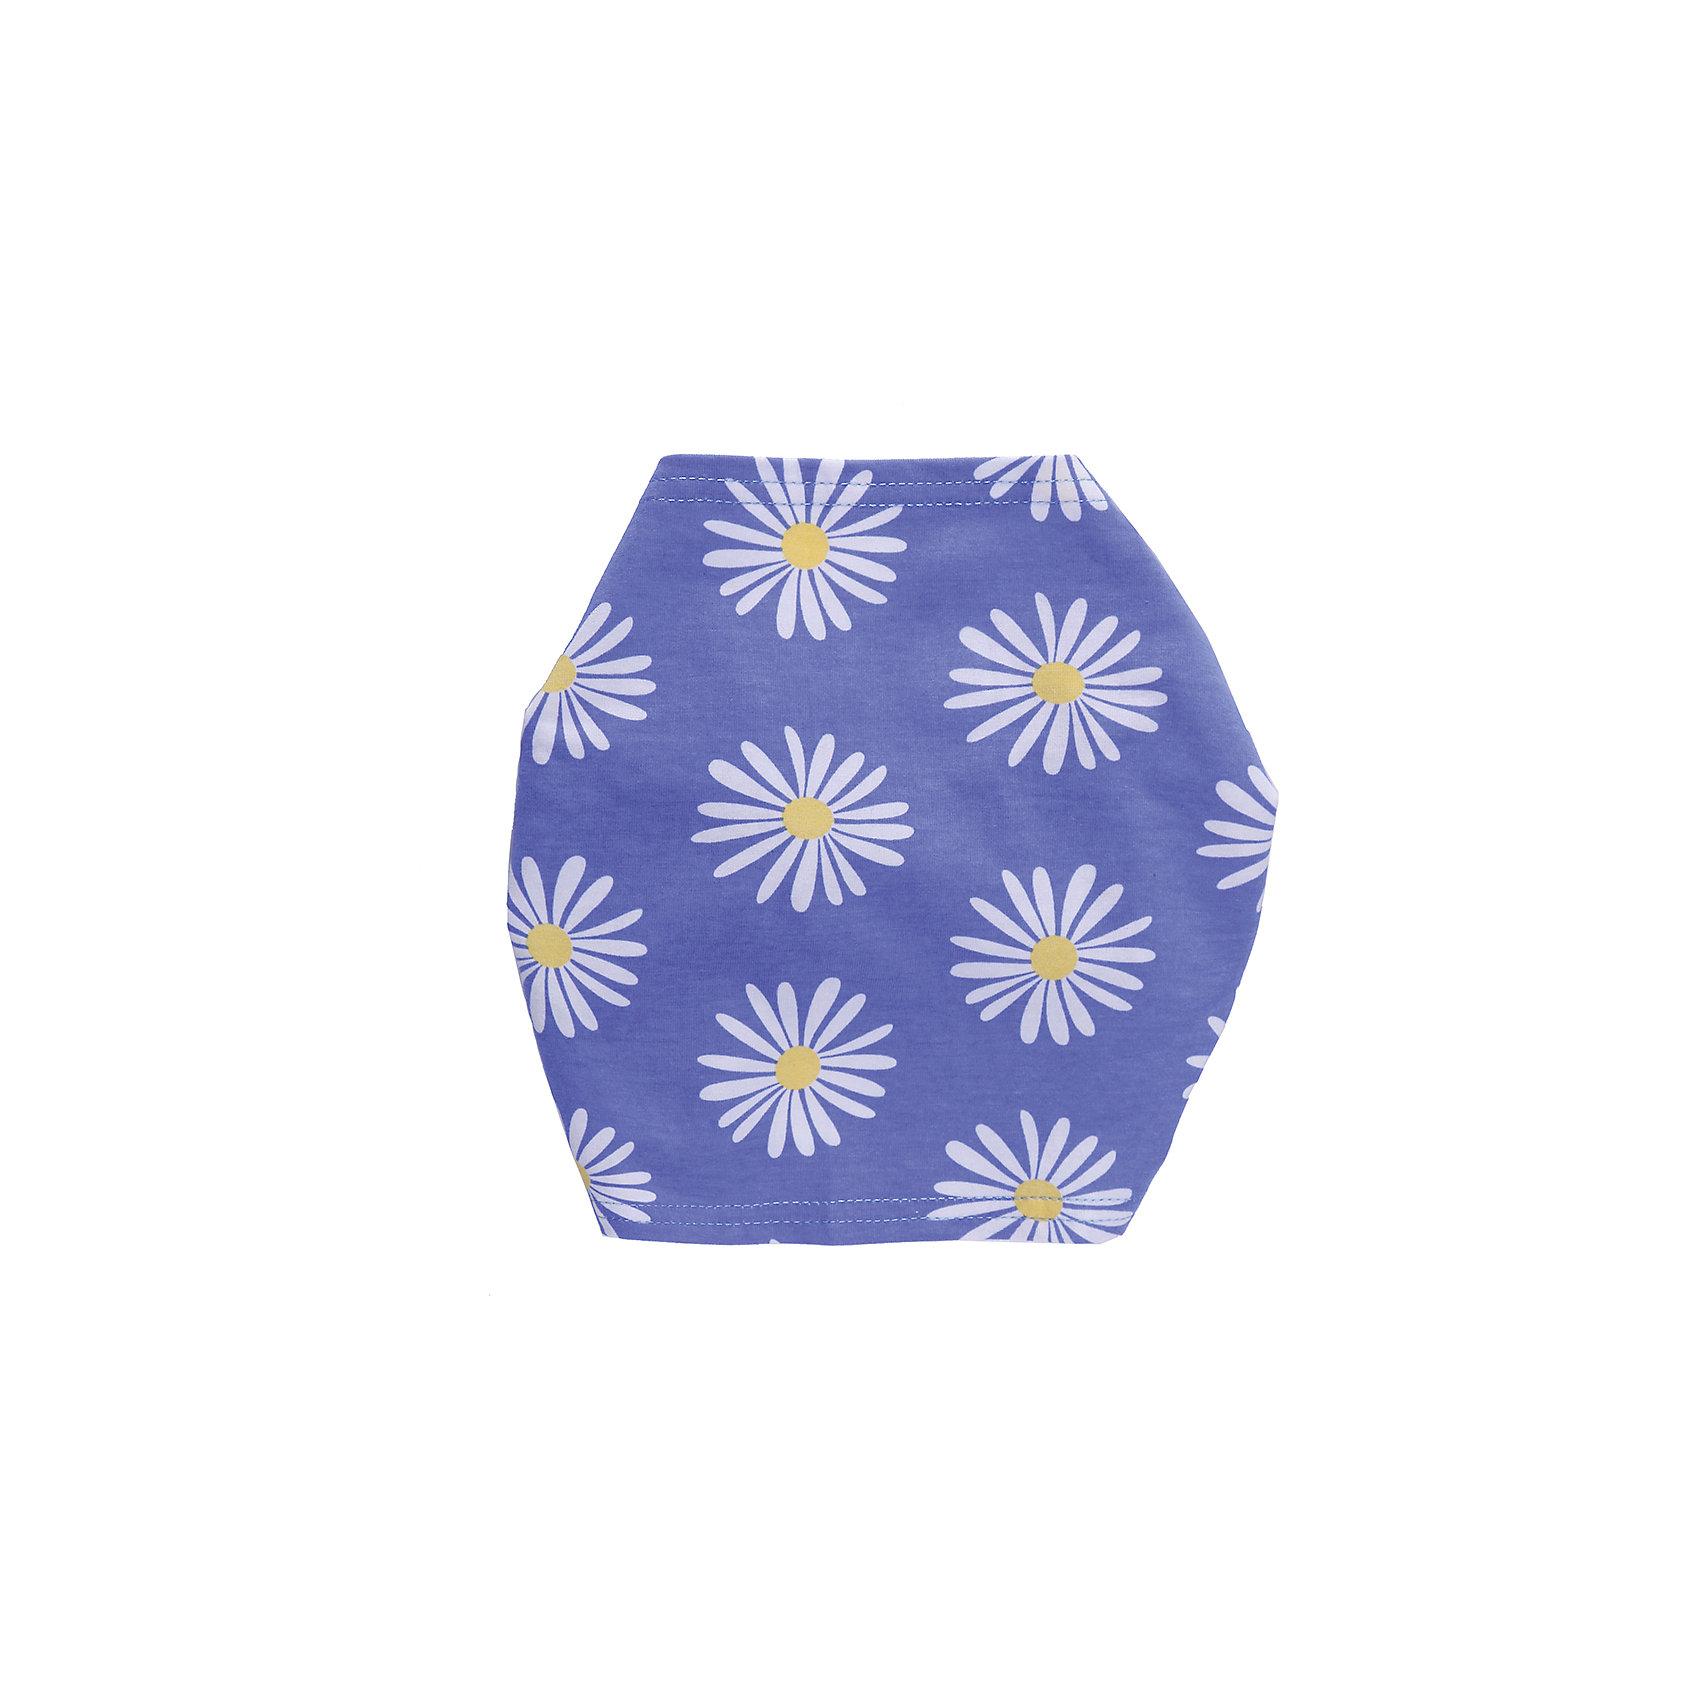 Повязка на голову для девочки Sweet BerryГоловные уборы<br>Повязка на голову из  яркого  эластичного трикотажа . Регулируется резинкой.<br>Состав:<br>95% хлопок, 5% эластан<br><br>Ширина мм: 89<br>Глубина мм: 117<br>Высота мм: 44<br>Вес г: 155<br>Цвет: желто-голубой<br>Возраст от месяцев: 72<br>Возраст до месяцев: 84<br>Пол: Женский<br>Возраст: Детский<br>Размер: 54,50,52<br>SKU: 4521565